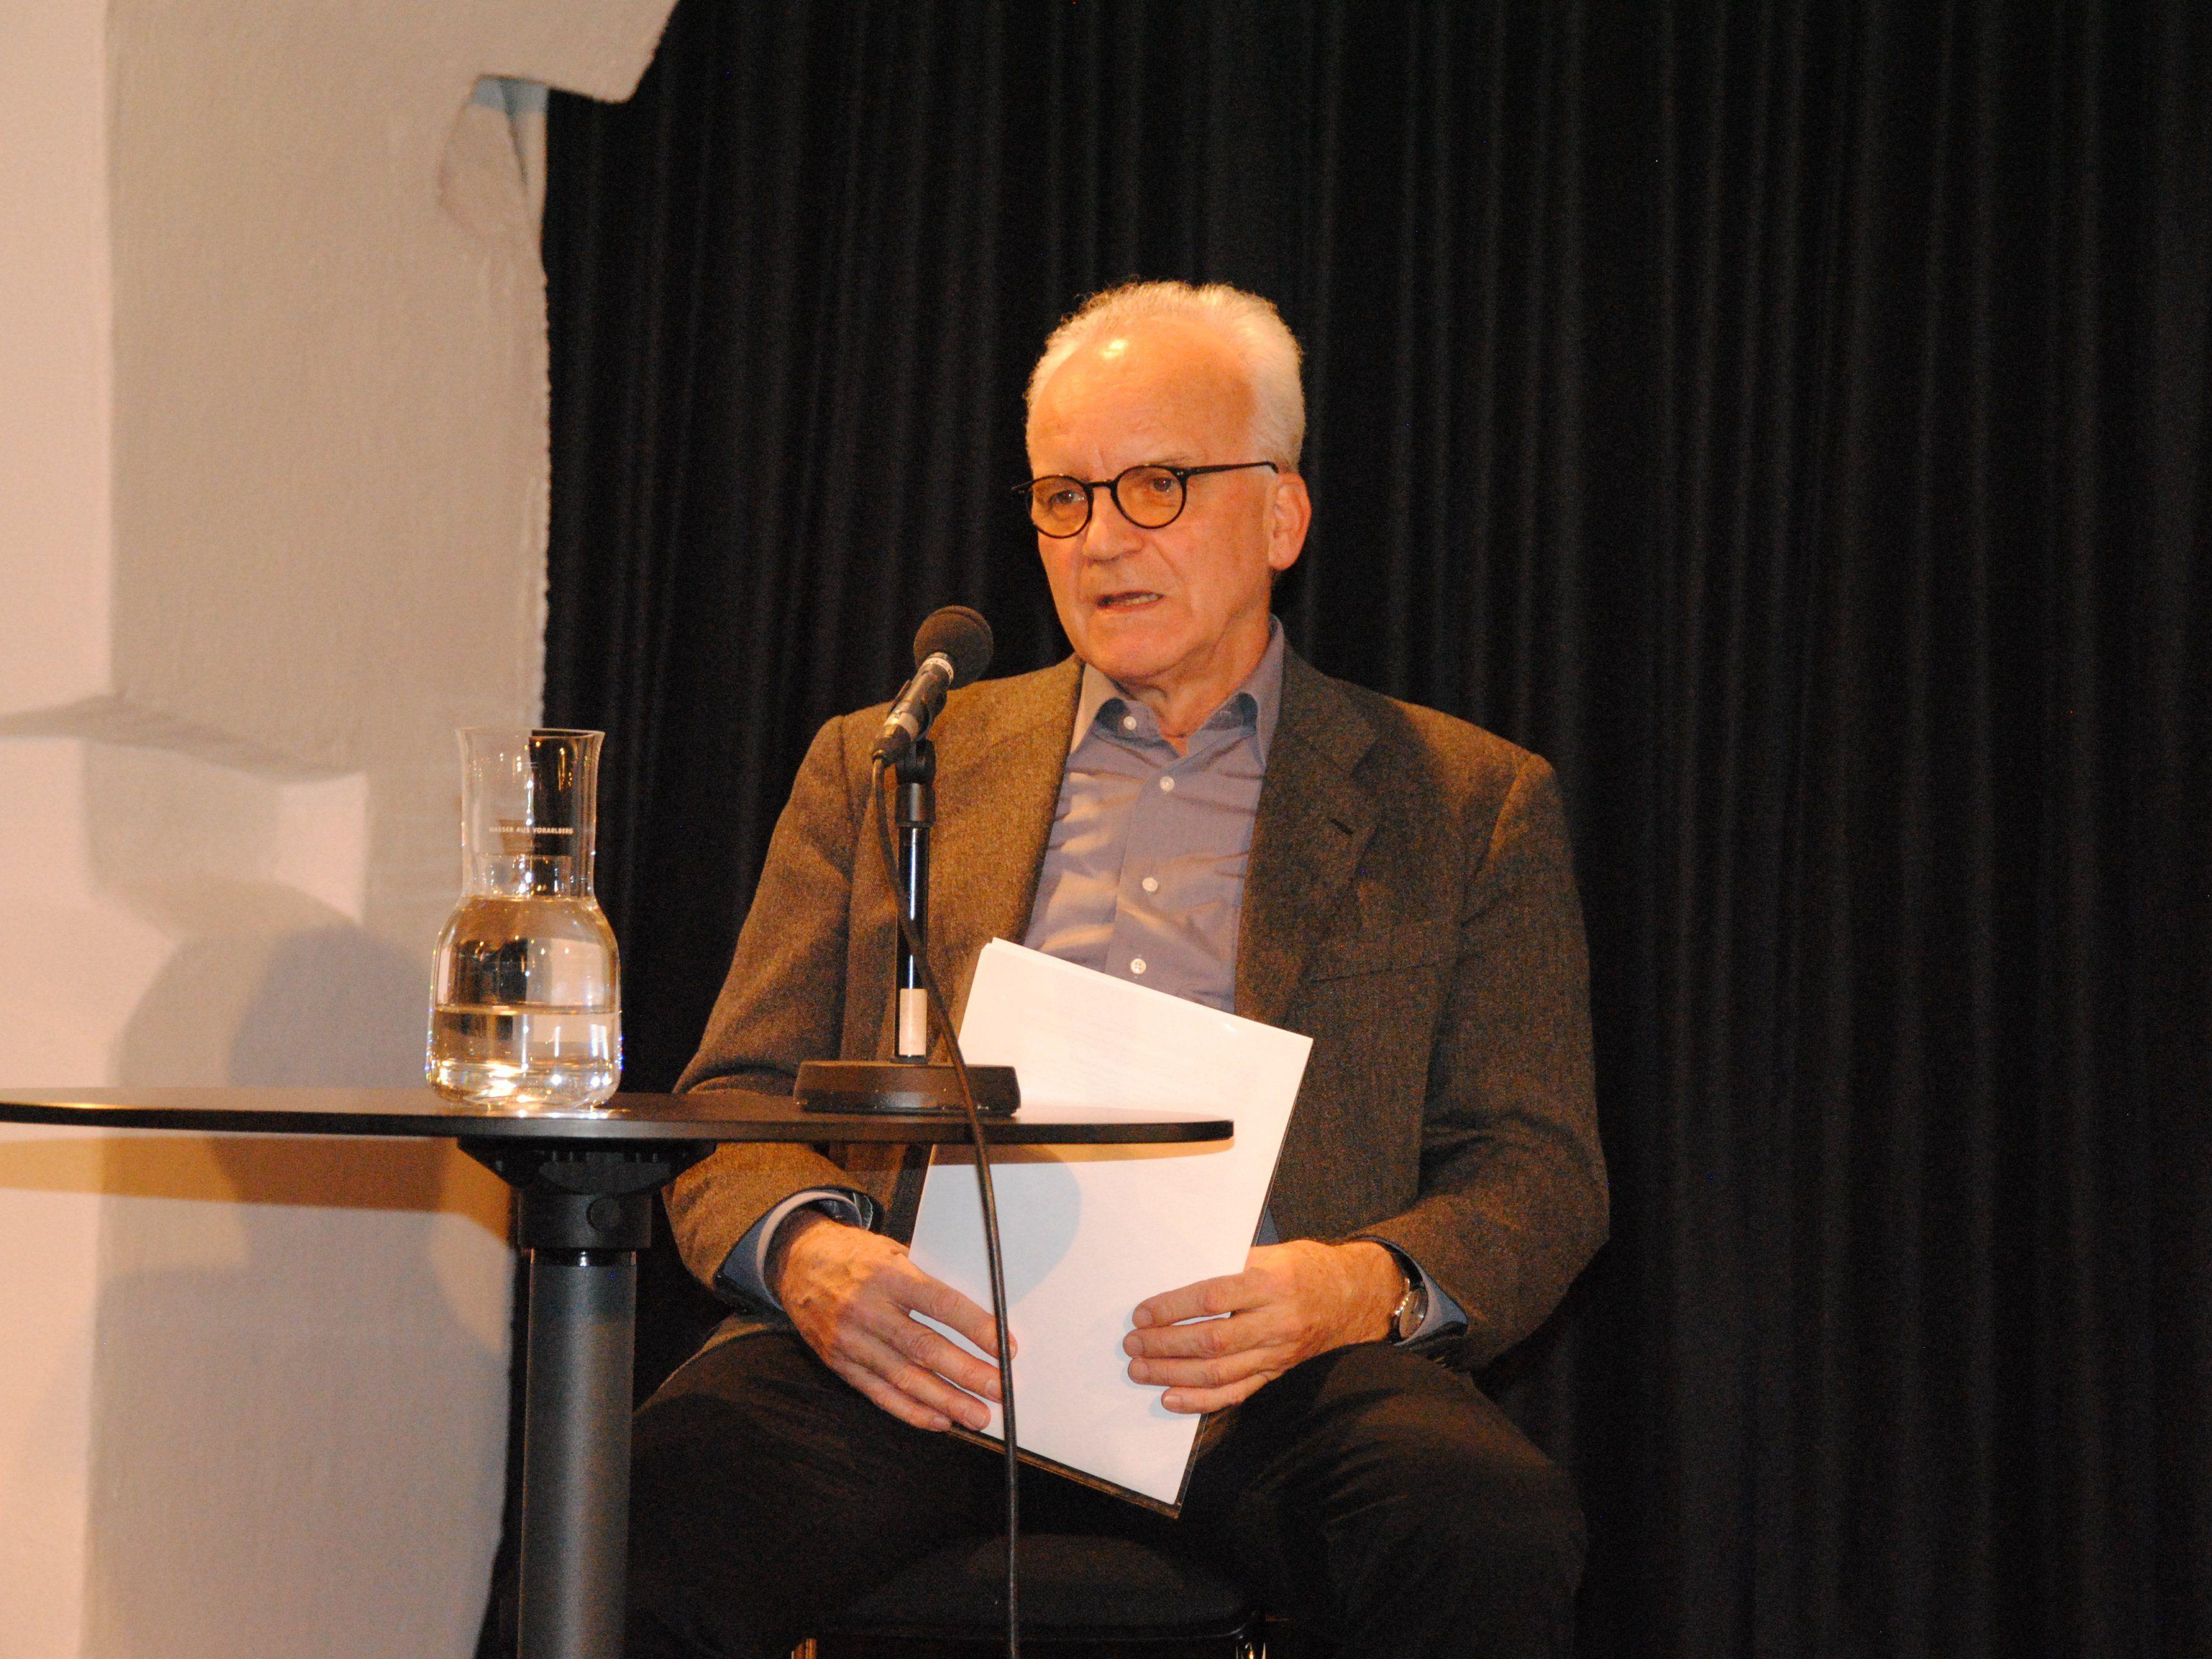 Der prominente´Vorarlberger Germanist Klaus Amann im TaS.